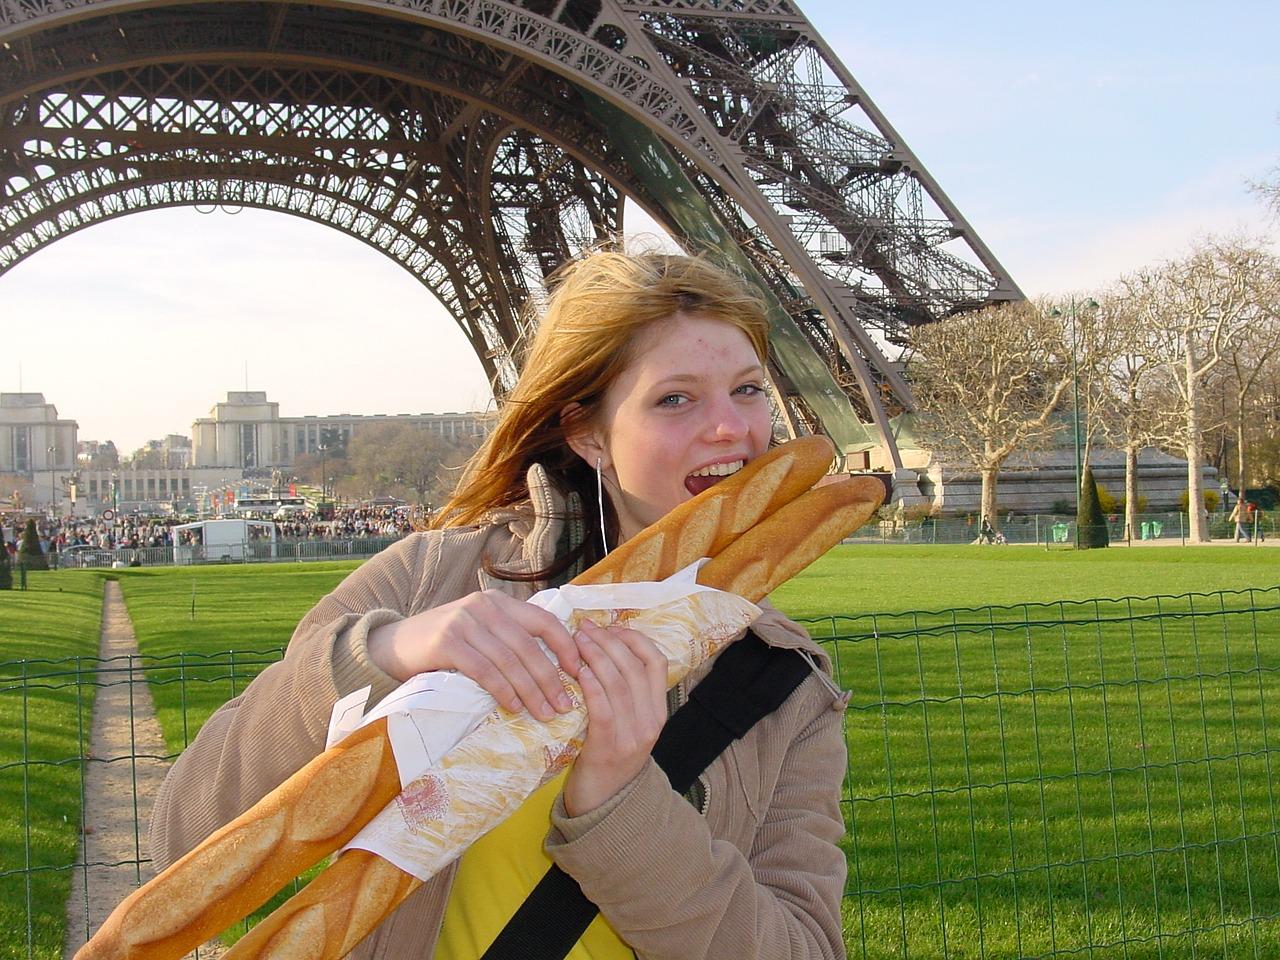 Aupair in Paris